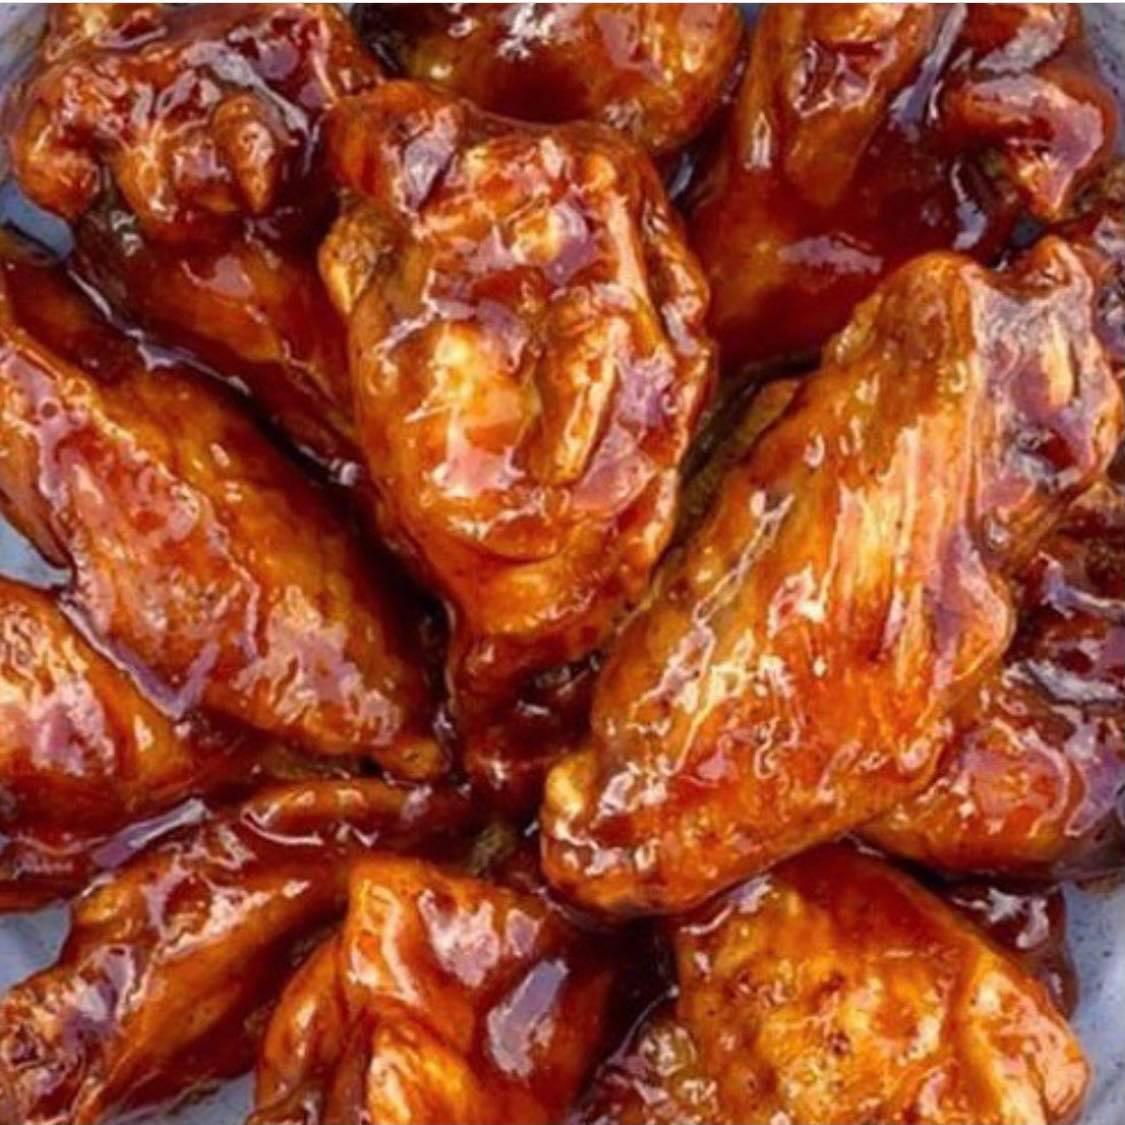 24 Jumbo Wings